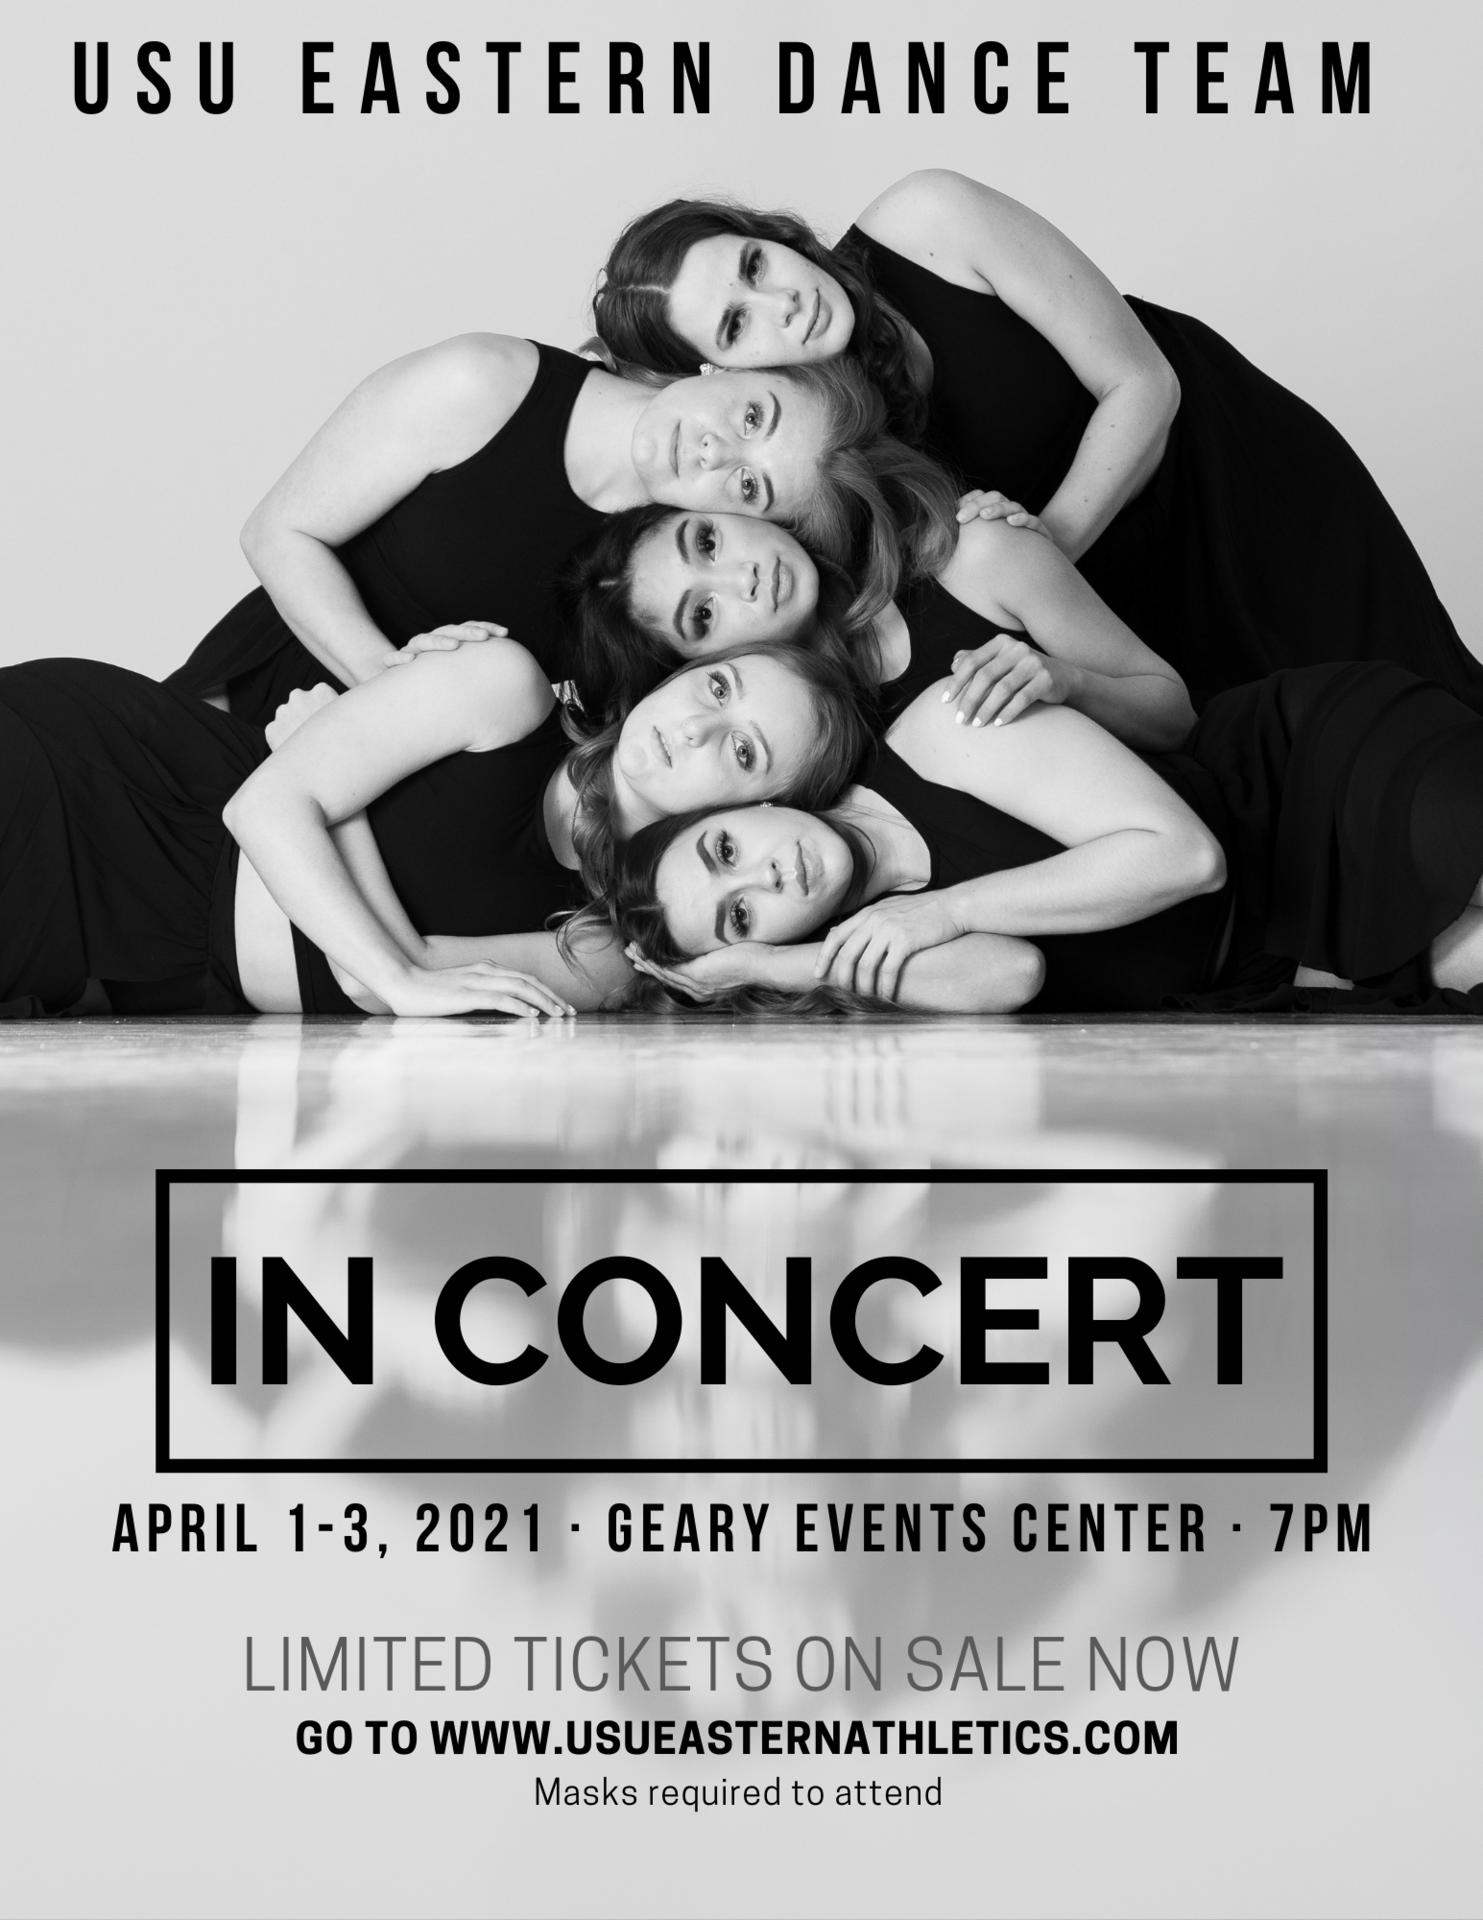 Concert-Flyer-1.png